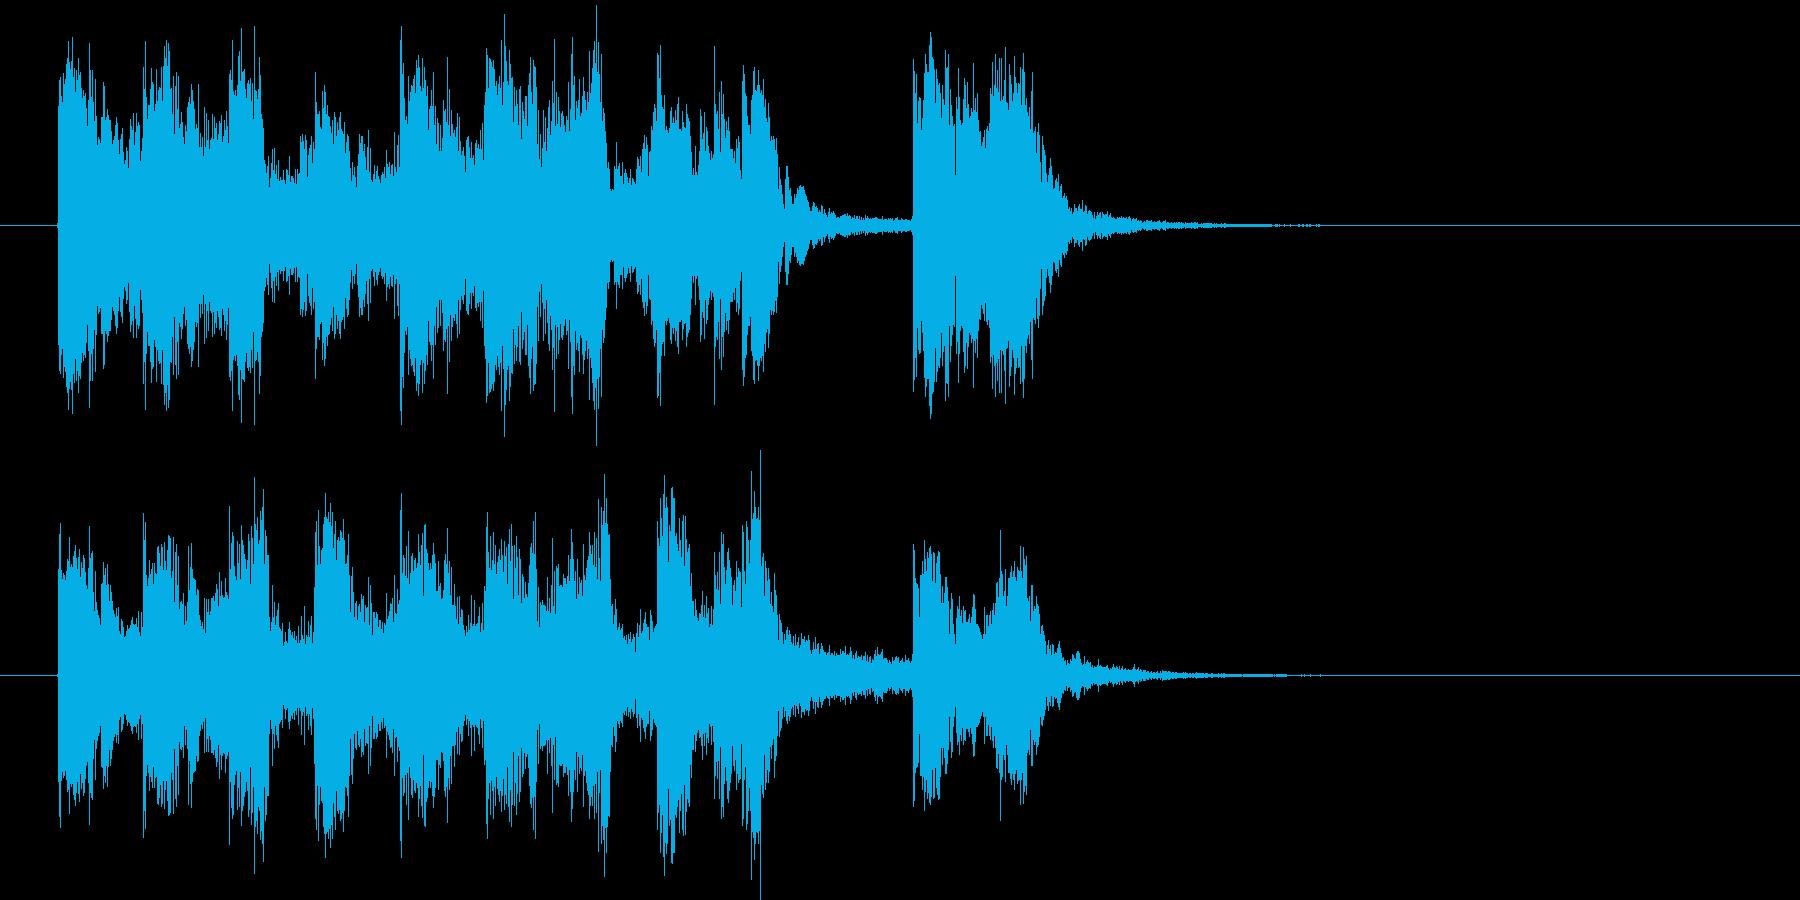 華麗で明るいテクノポップジングルの再生済みの波形